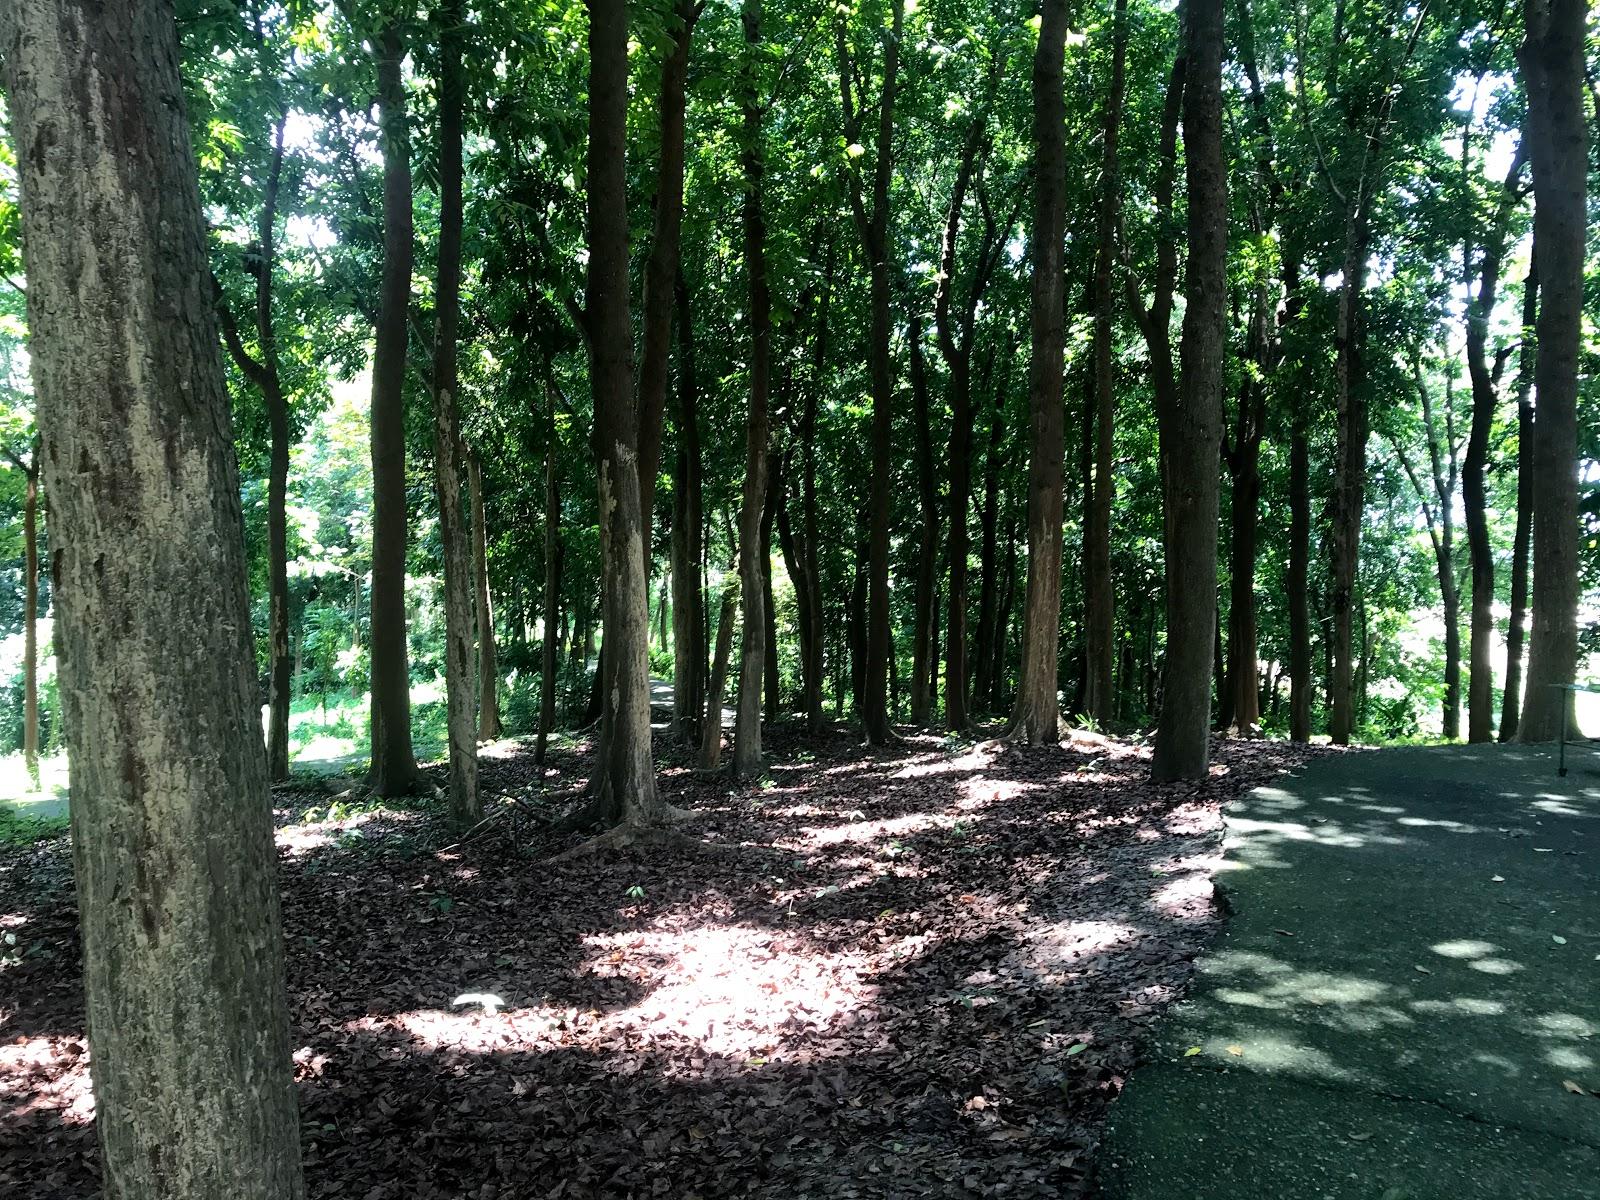 【台南|官田】川文山森林生態保育農場|壯闊的百年榕樹|免費入場|台南川文山半日遊(二)